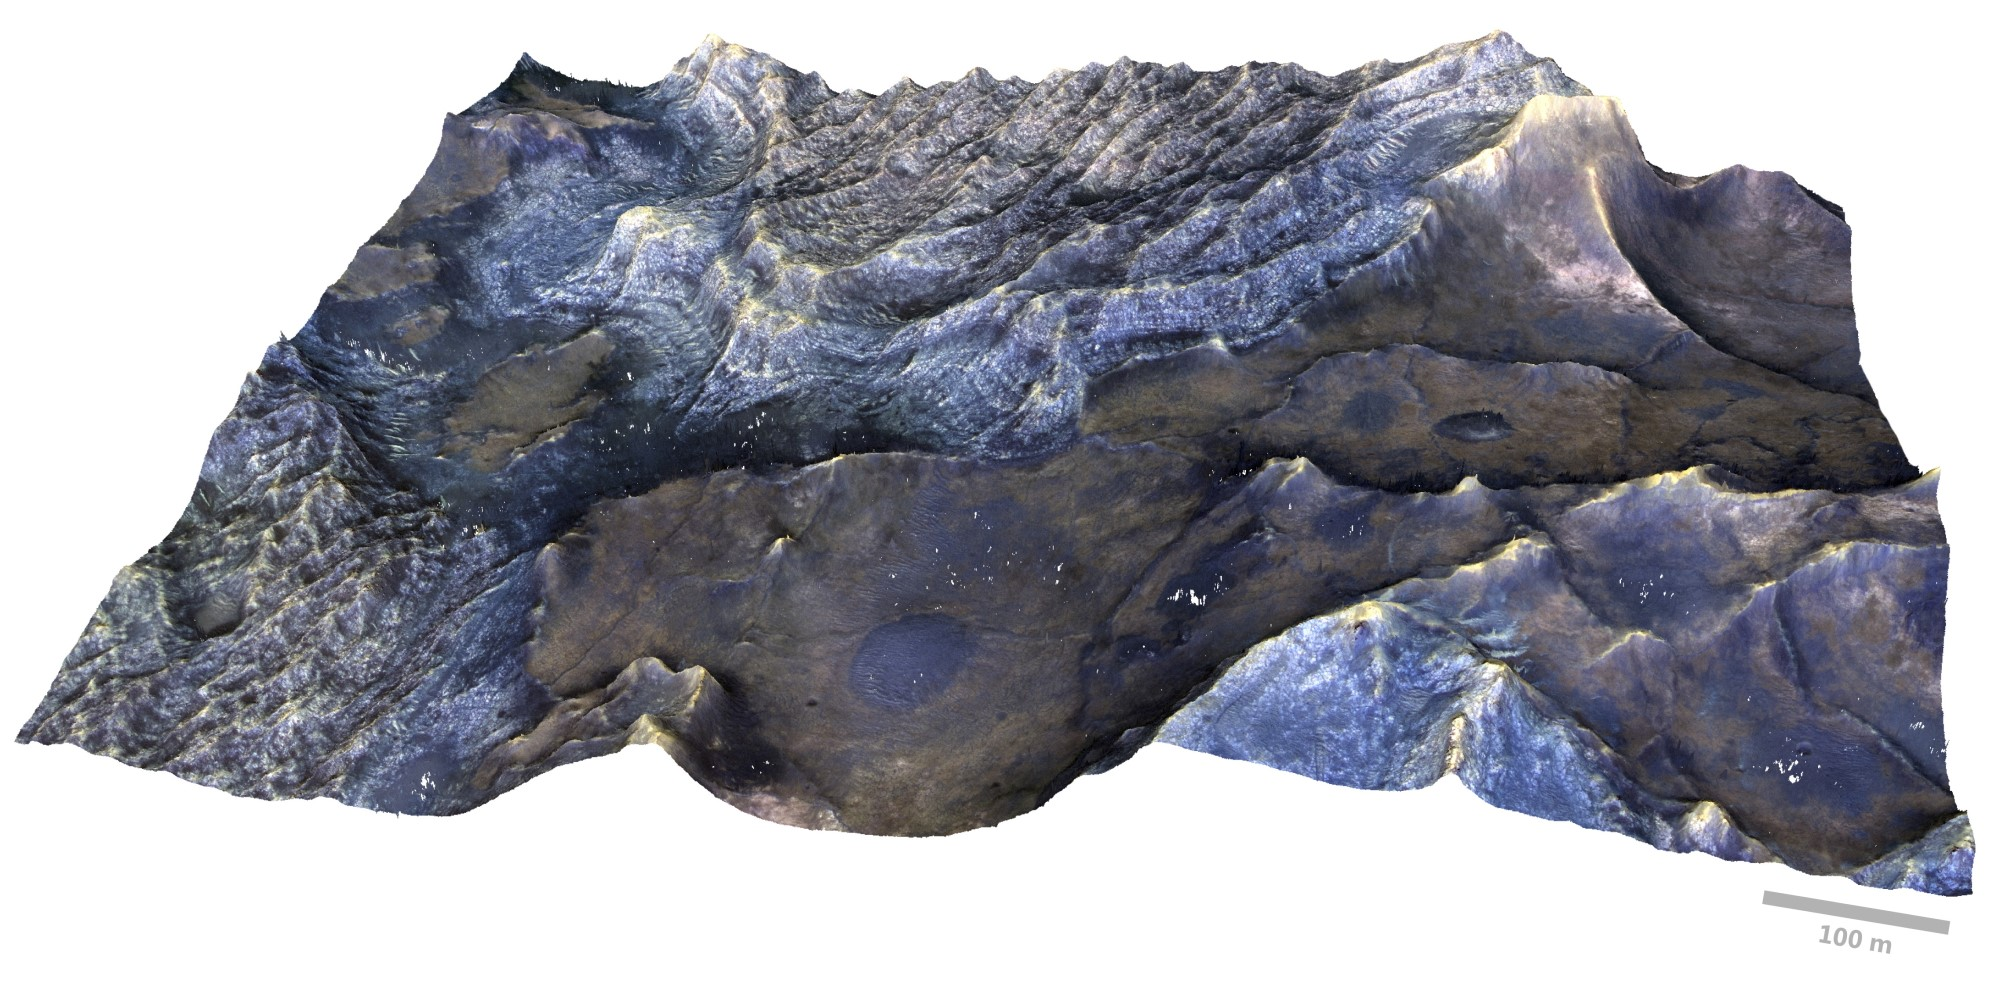 Jezero_crater_olivine_dtm_MRO_2k.jpg